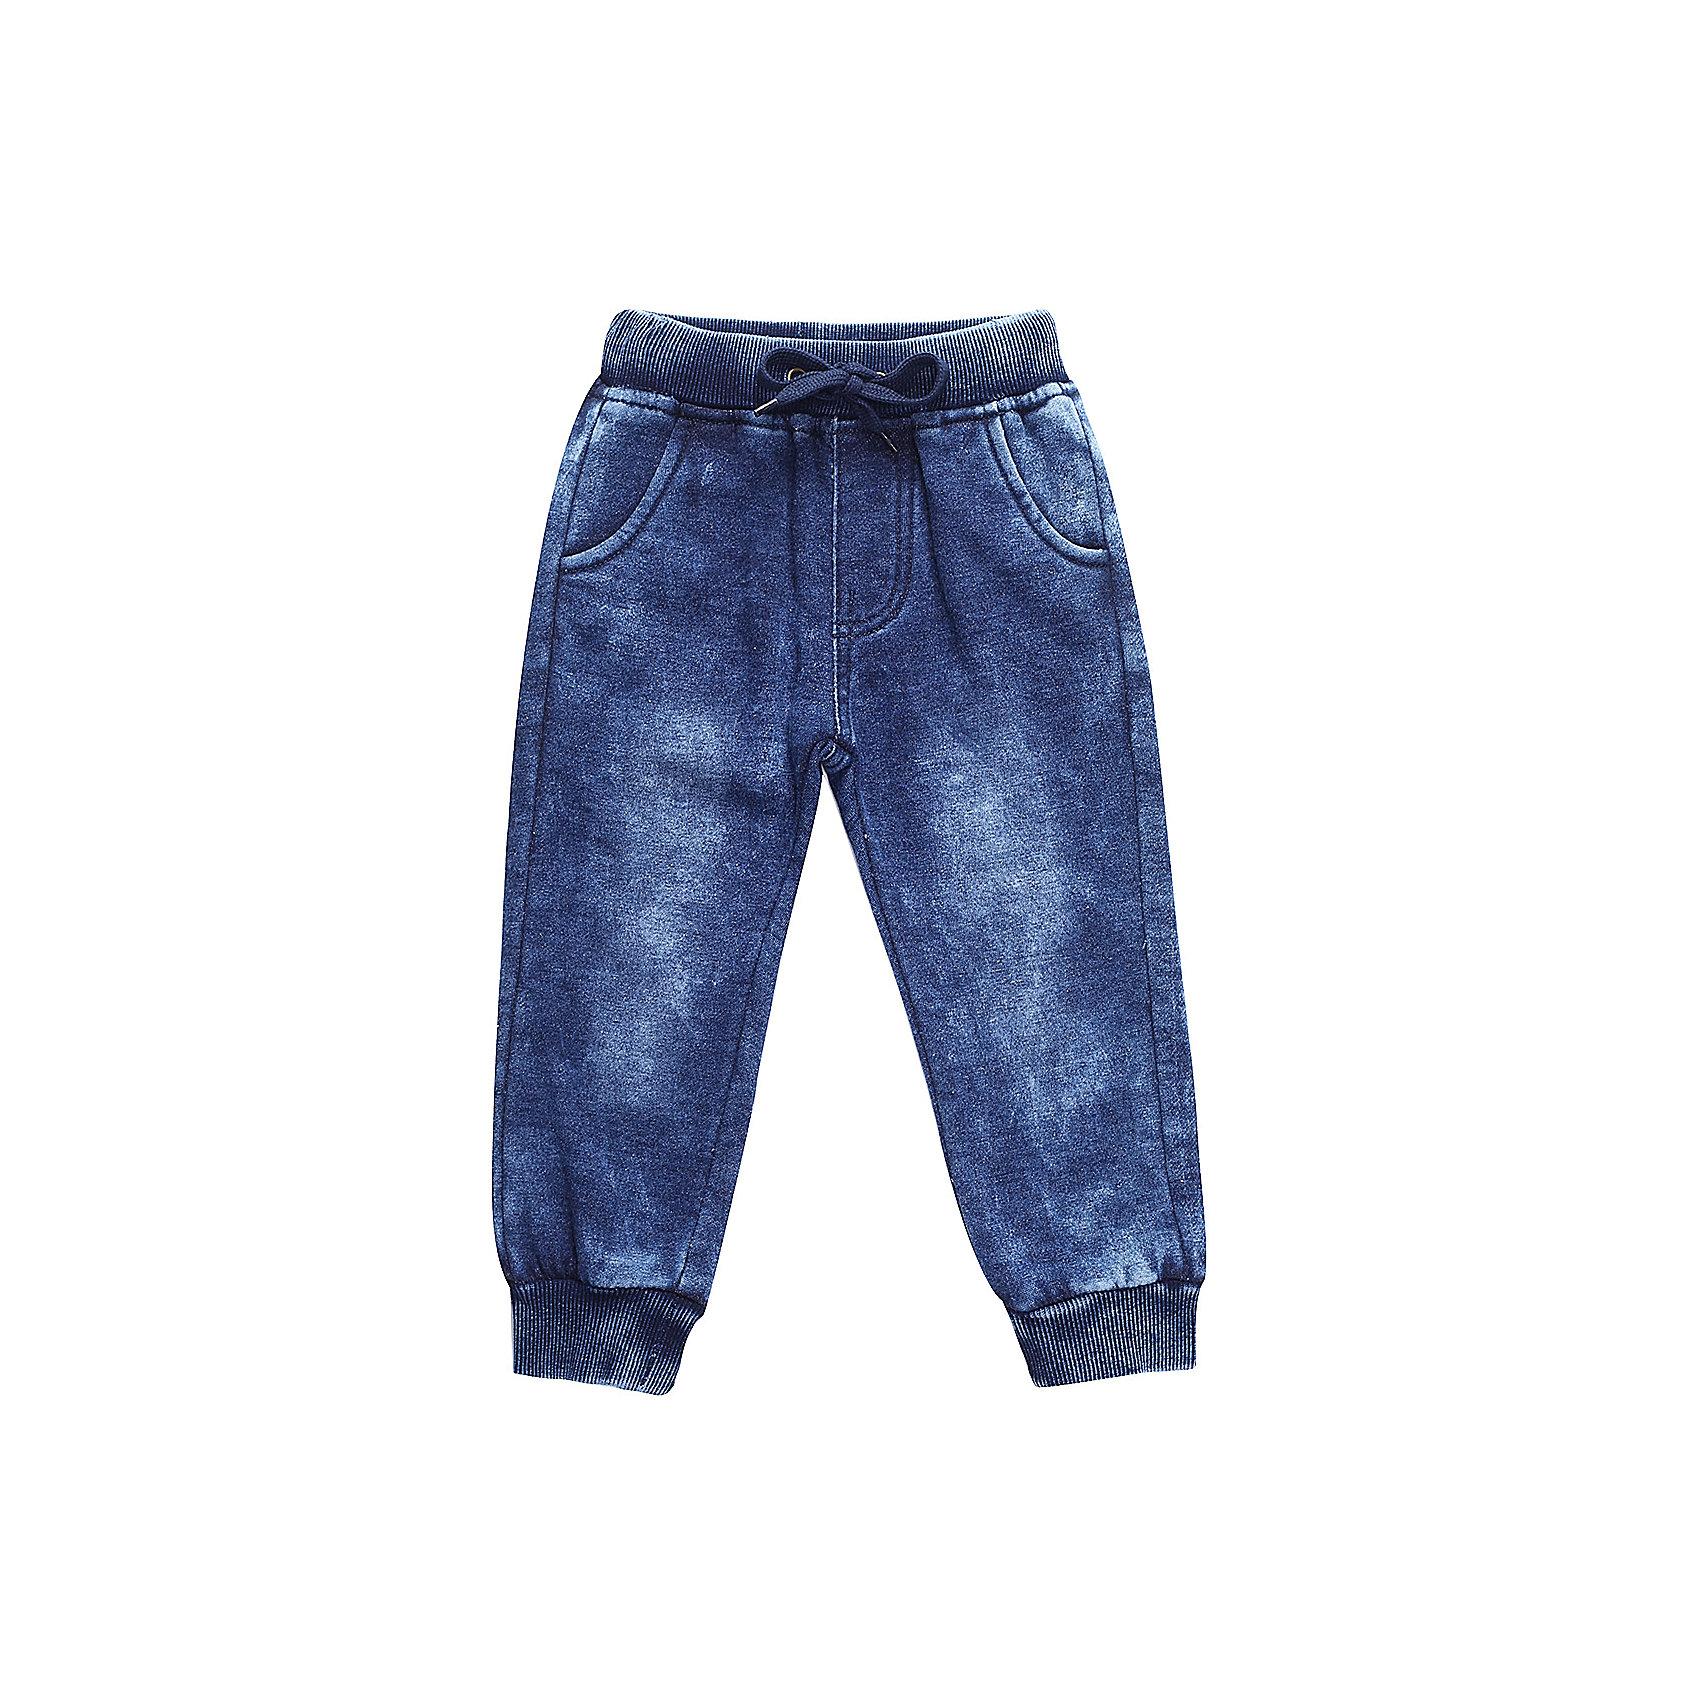 Брюки Sweet Berry для мальчикаДжинсы<br>Брюки Sweet Berry для мальчика<br>Трикотажные брюки для мальчика темно-синего цвета декорированные оригинальной варкой под джинсу, низ брючин собран на мягкие манжеты. Пояс-резинка дополнен шнуром для регулирования объема по талии.<br>Состав:<br>98% хлопок, 2% спандекс<br><br>Ширина мм: 215<br>Глубина мм: 88<br>Высота мм: 191<br>Вес г: 336<br>Цвет: синий<br>Возраст от месяцев: 24<br>Возраст до месяцев: 36<br>Пол: Мужской<br>Возраст: Детский<br>Размер: 98,80,86,92<br>SKU: 7095559